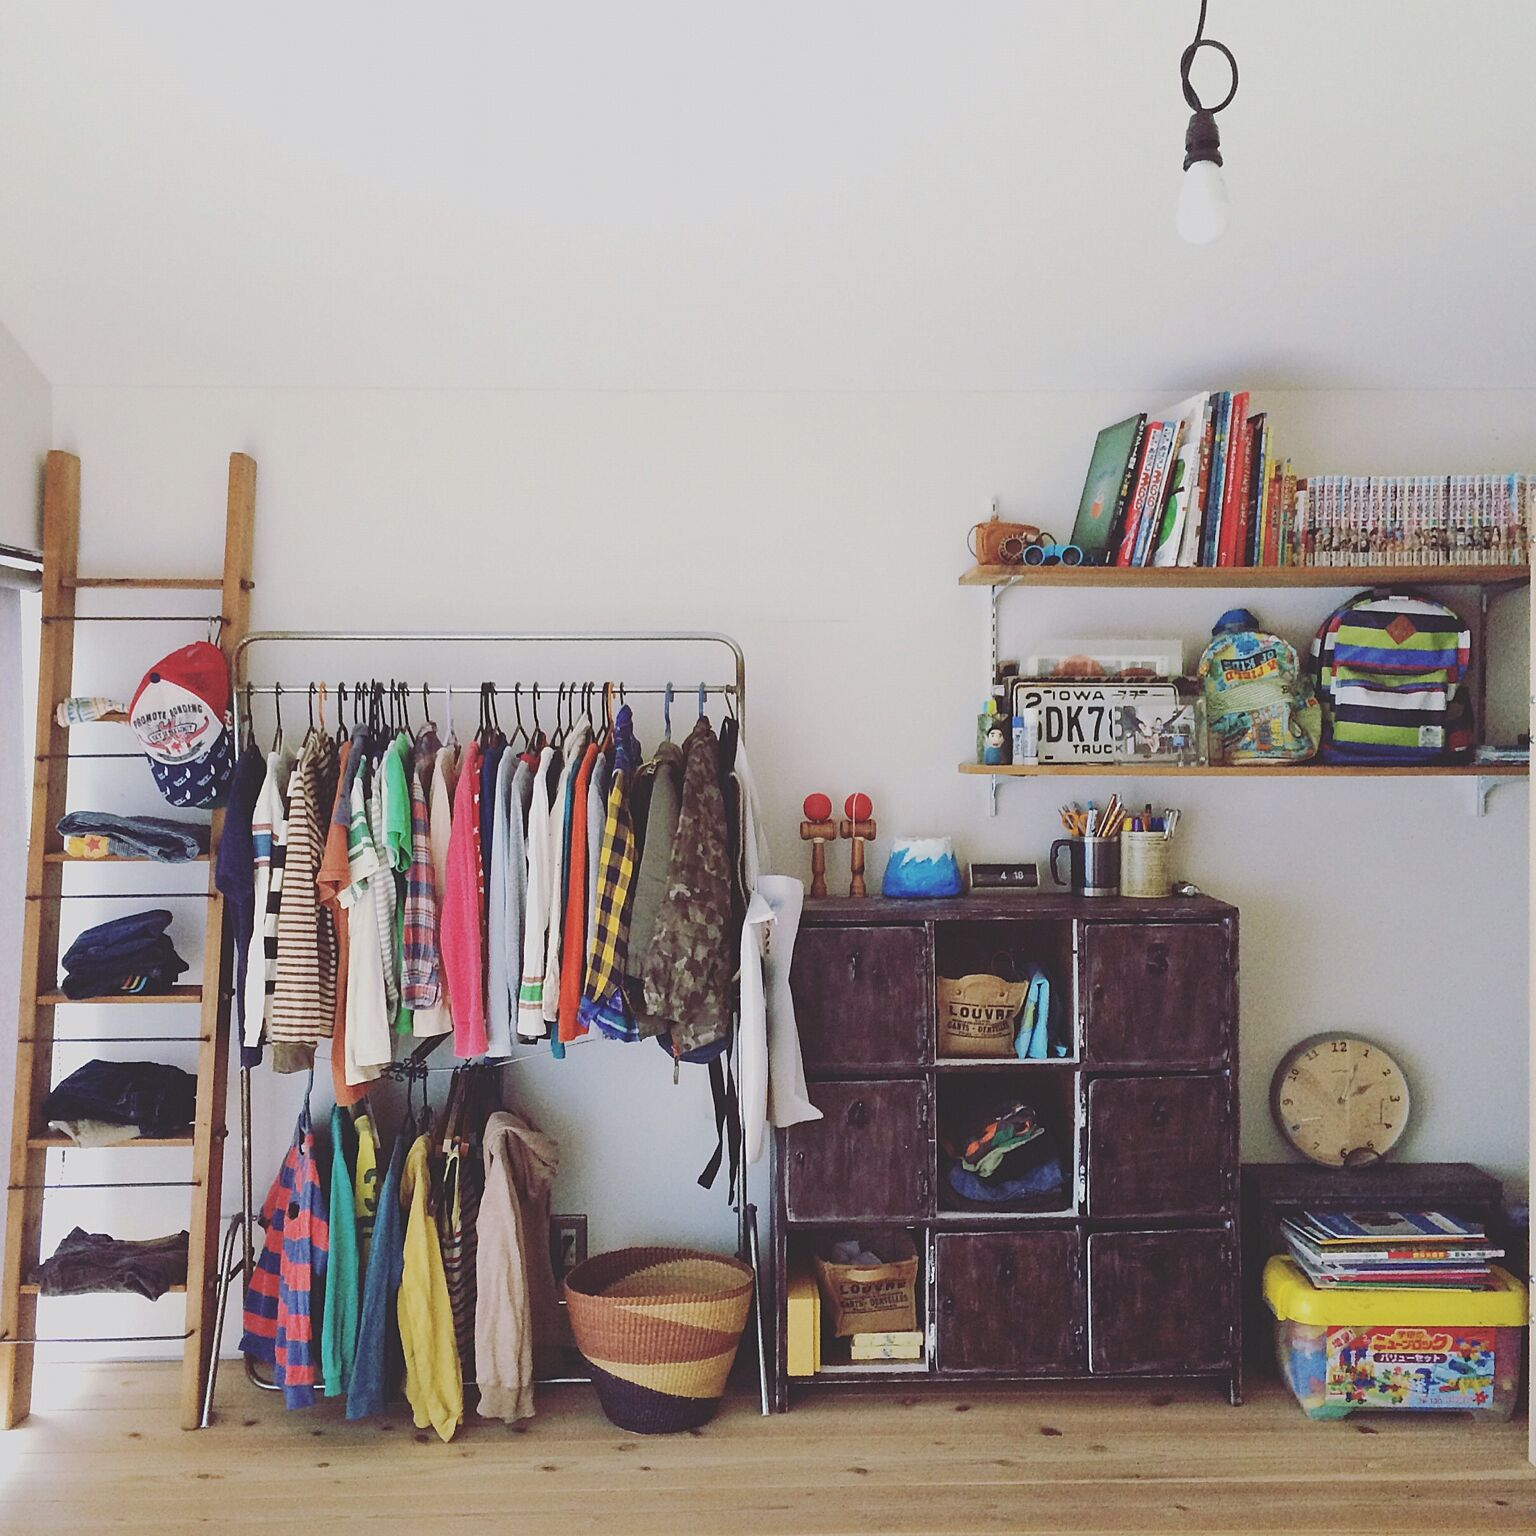 ママも助かる!子どもにとっても使いやすい衣類収納アイデア